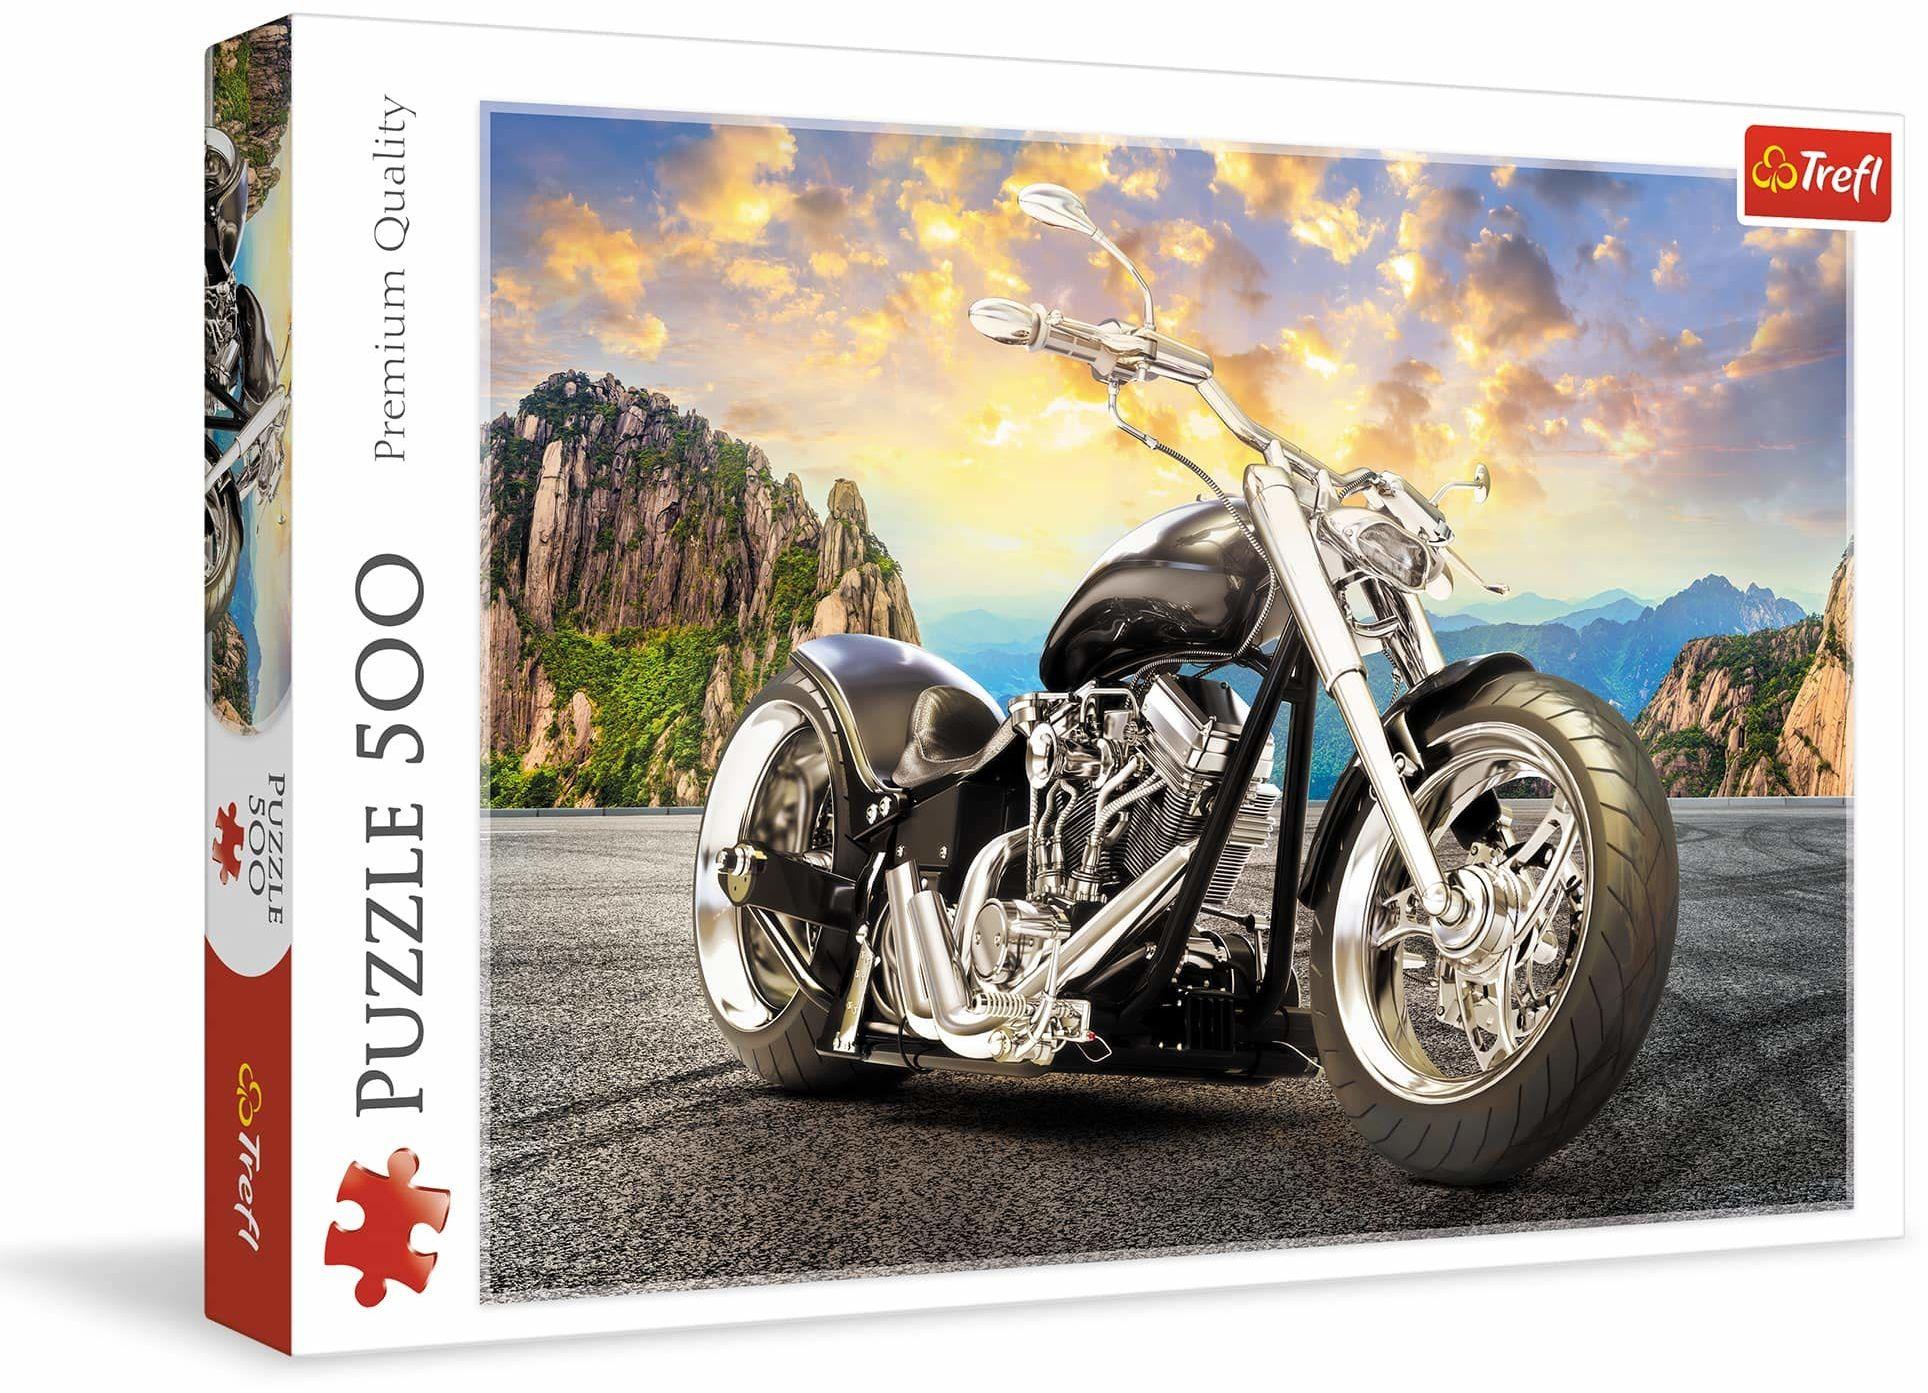 Trefl Czarny Motocykl Puzzle 500 Elementów o Wysokiej Jakości Nadruku dla Dorosłych i Dzieci od 10 lat